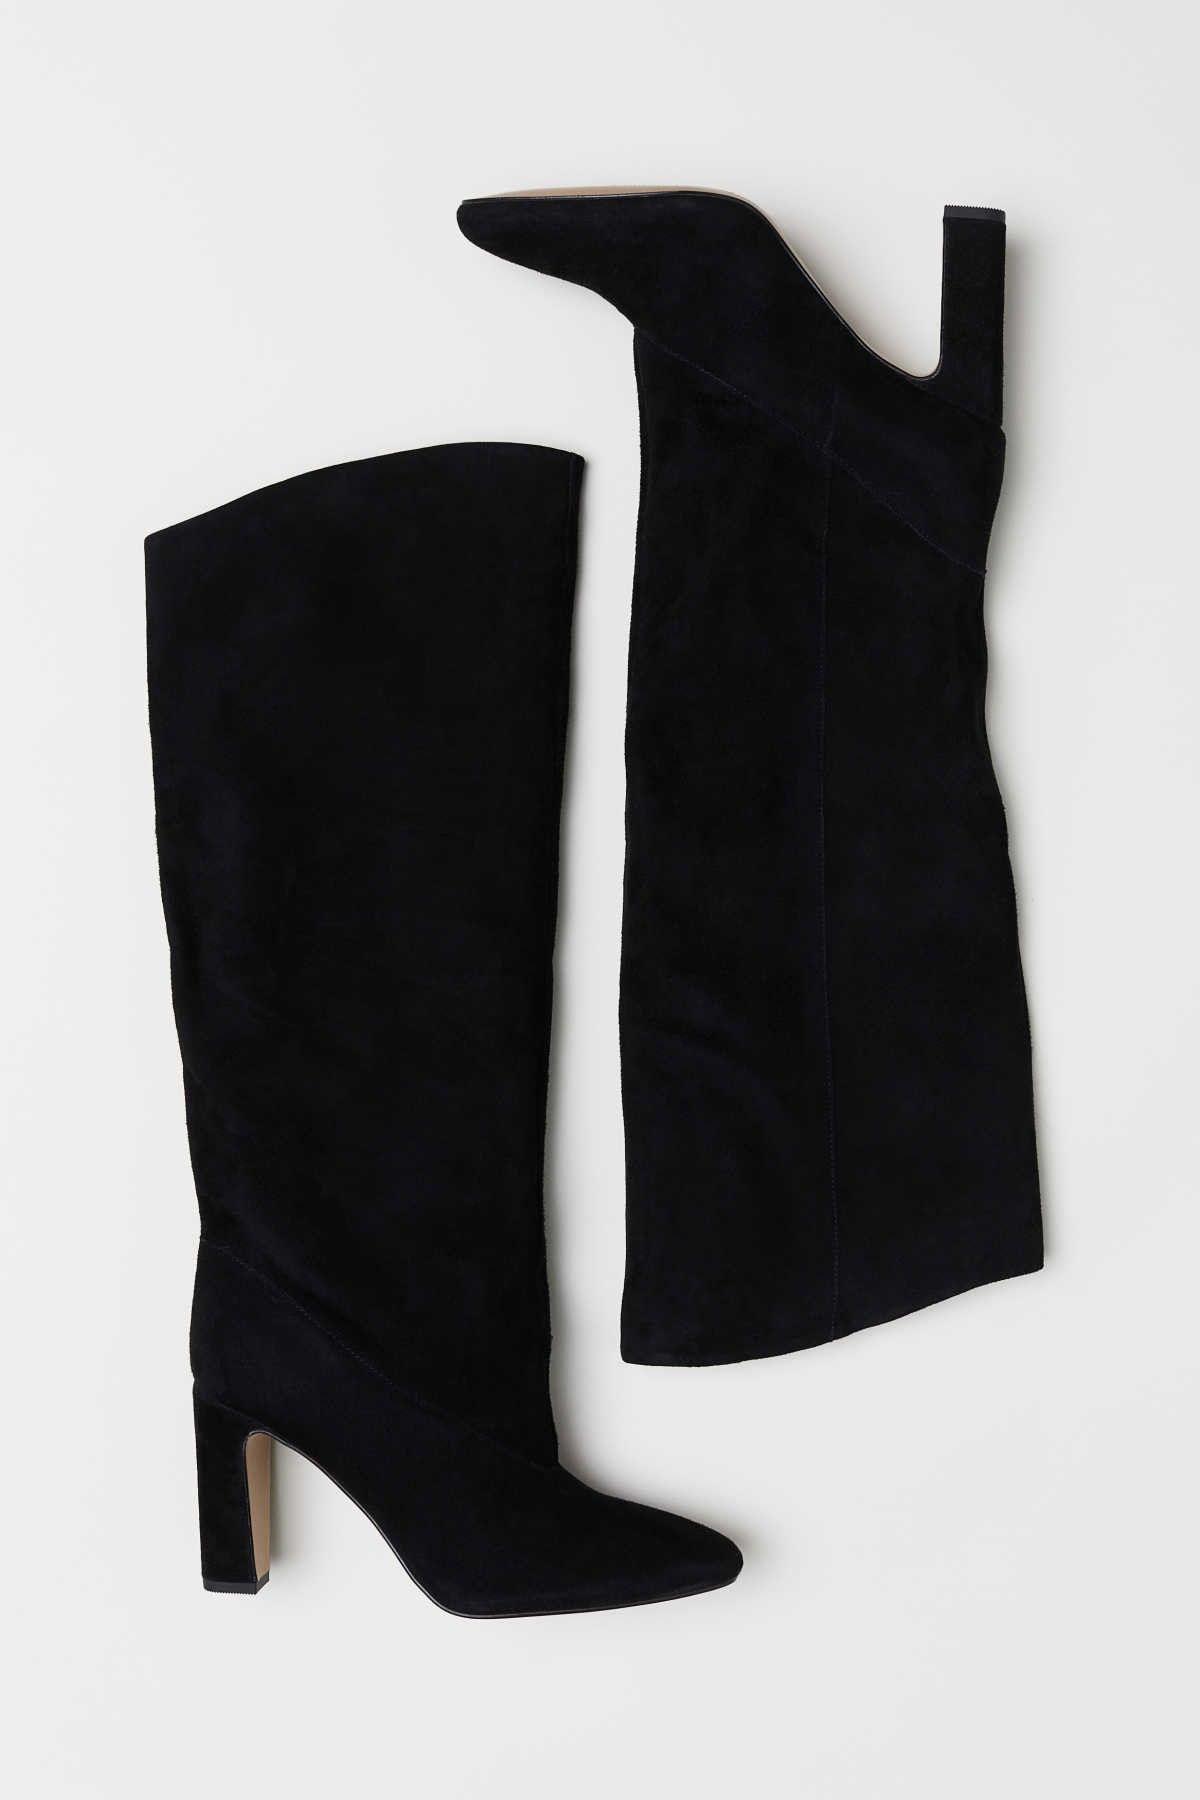 H&M Stiefel aus Veloursleder | Boots | Schwarze